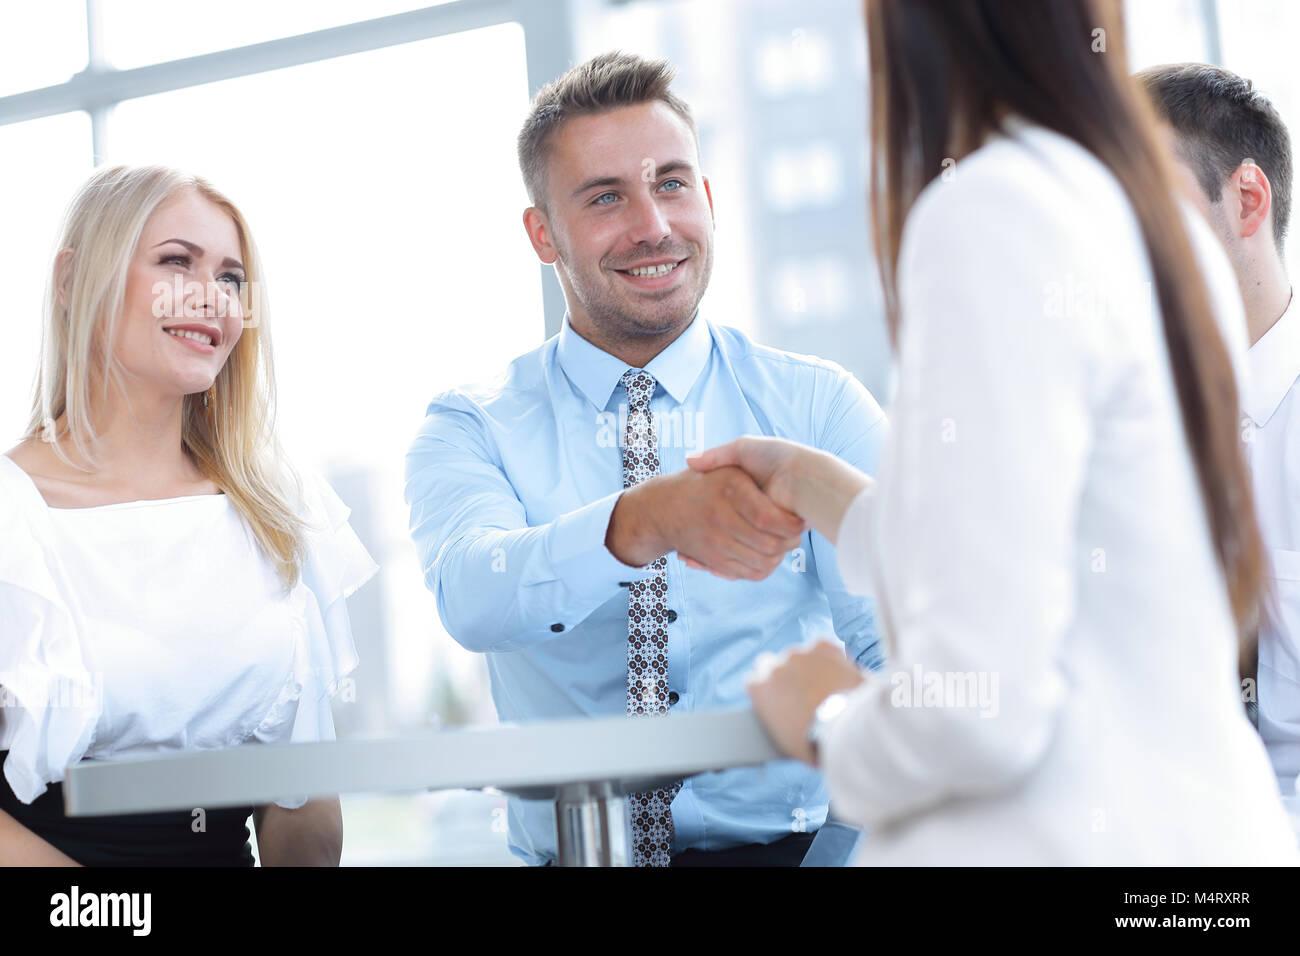 Closeup. Manager agita la mano de una mujer cliente. Imagen De Stock